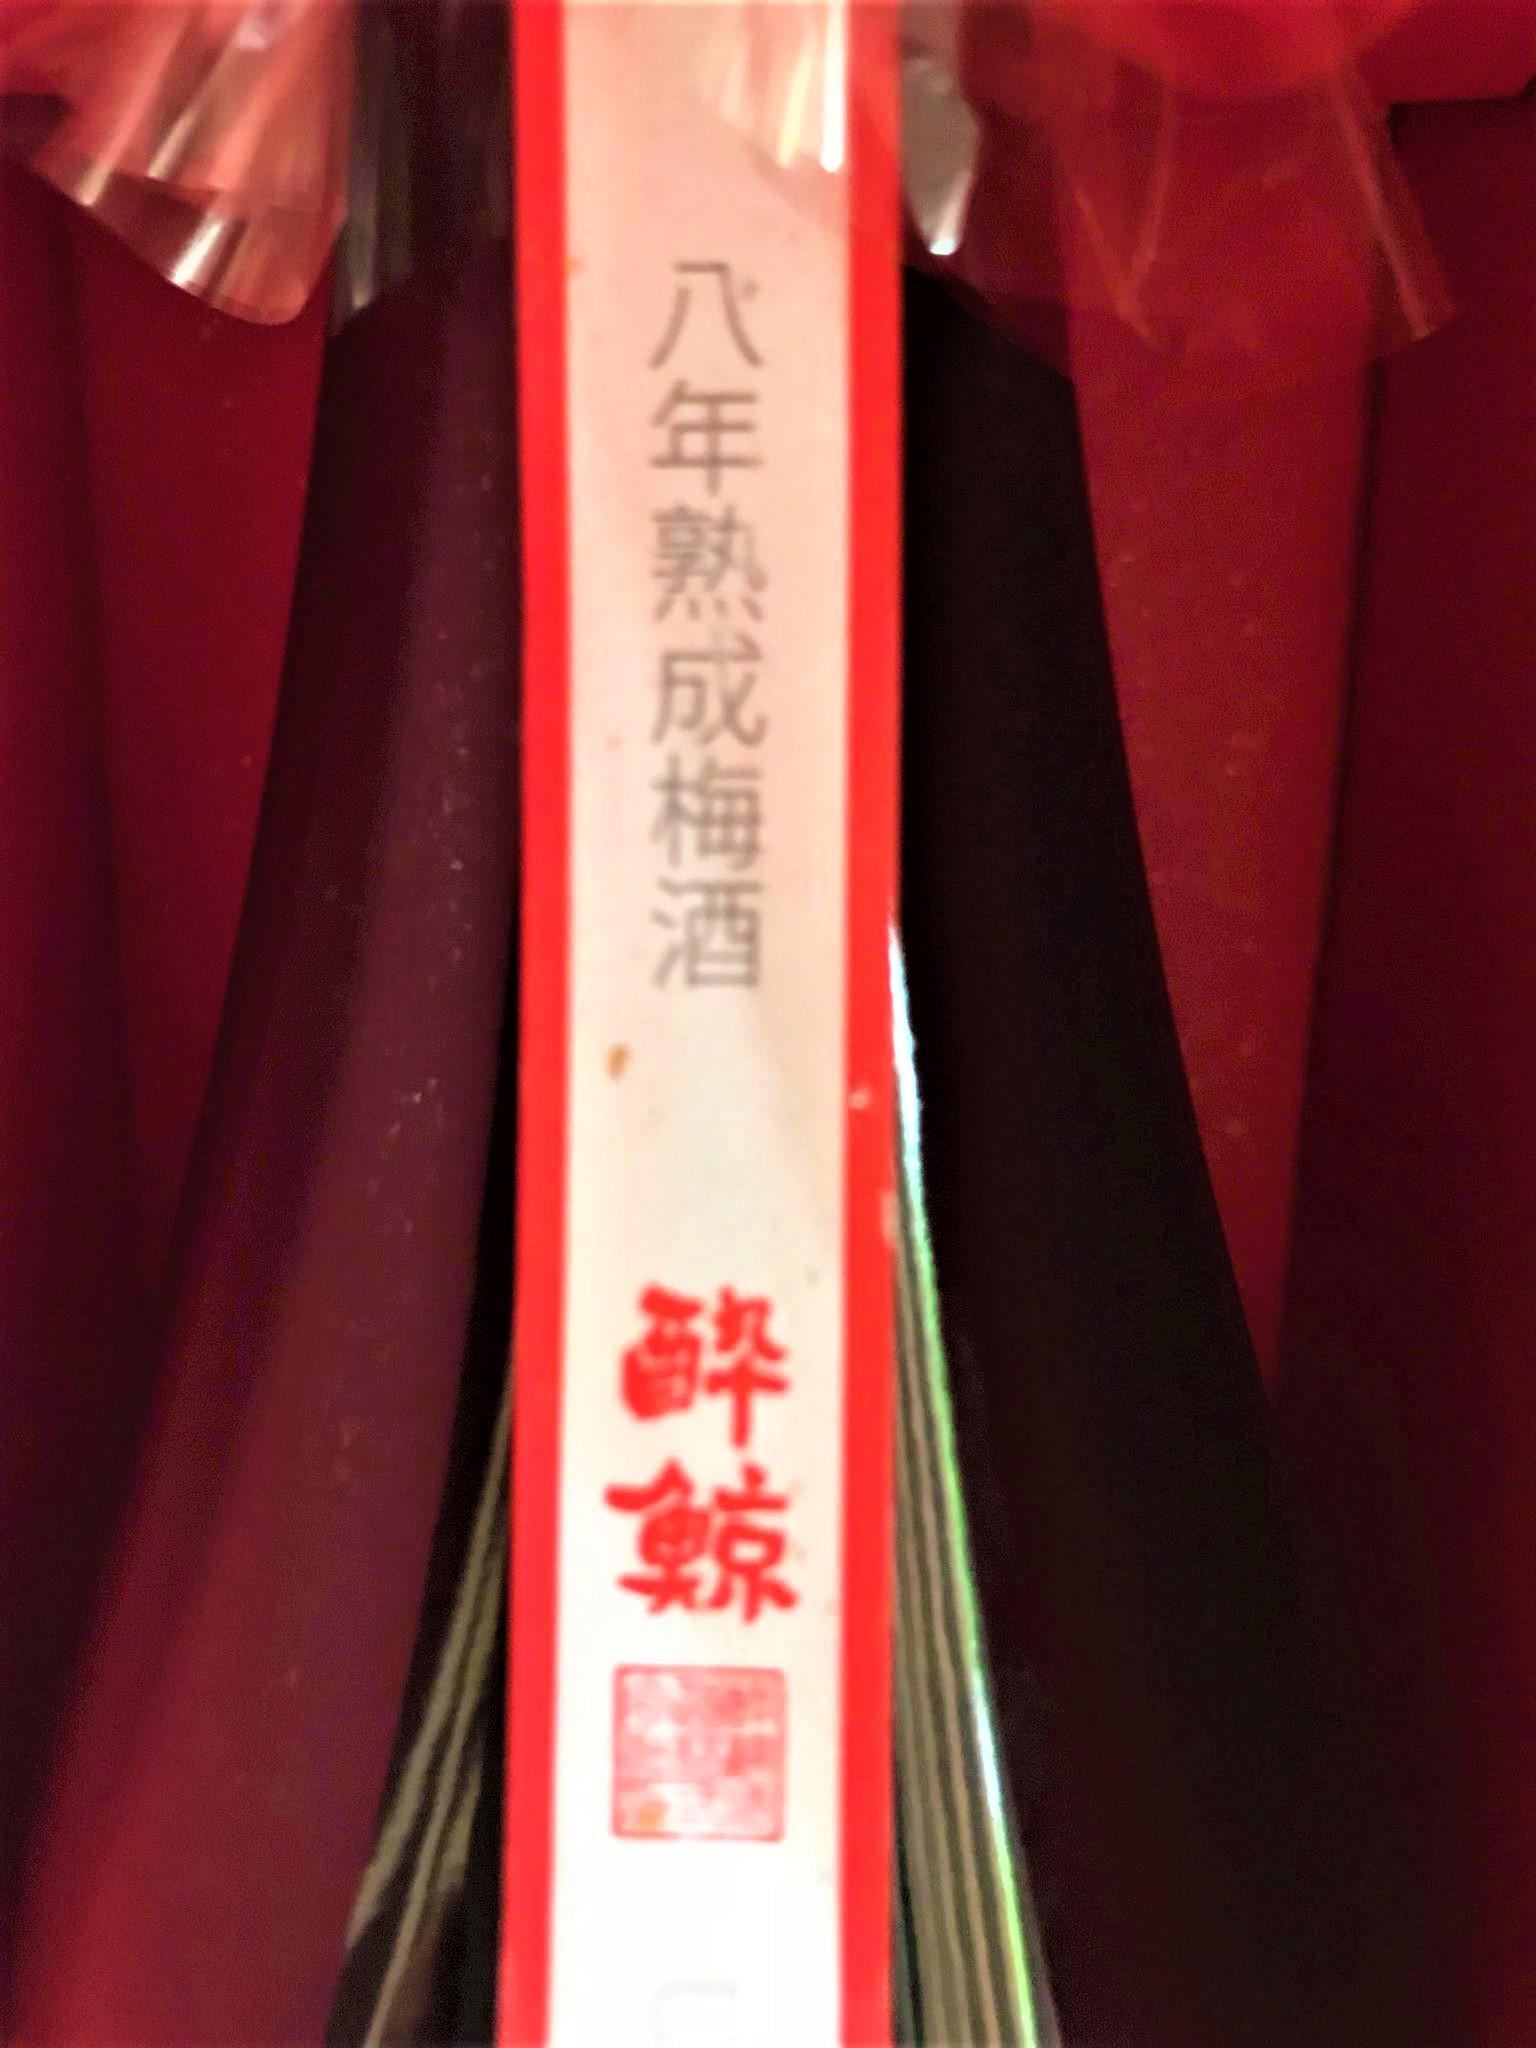 【地梅酒】酔鯨 SUIGEI UMESYU EIGHT8 八年熟成貯蔵梅酒 限定SPver_e0173738_21341929.jpg